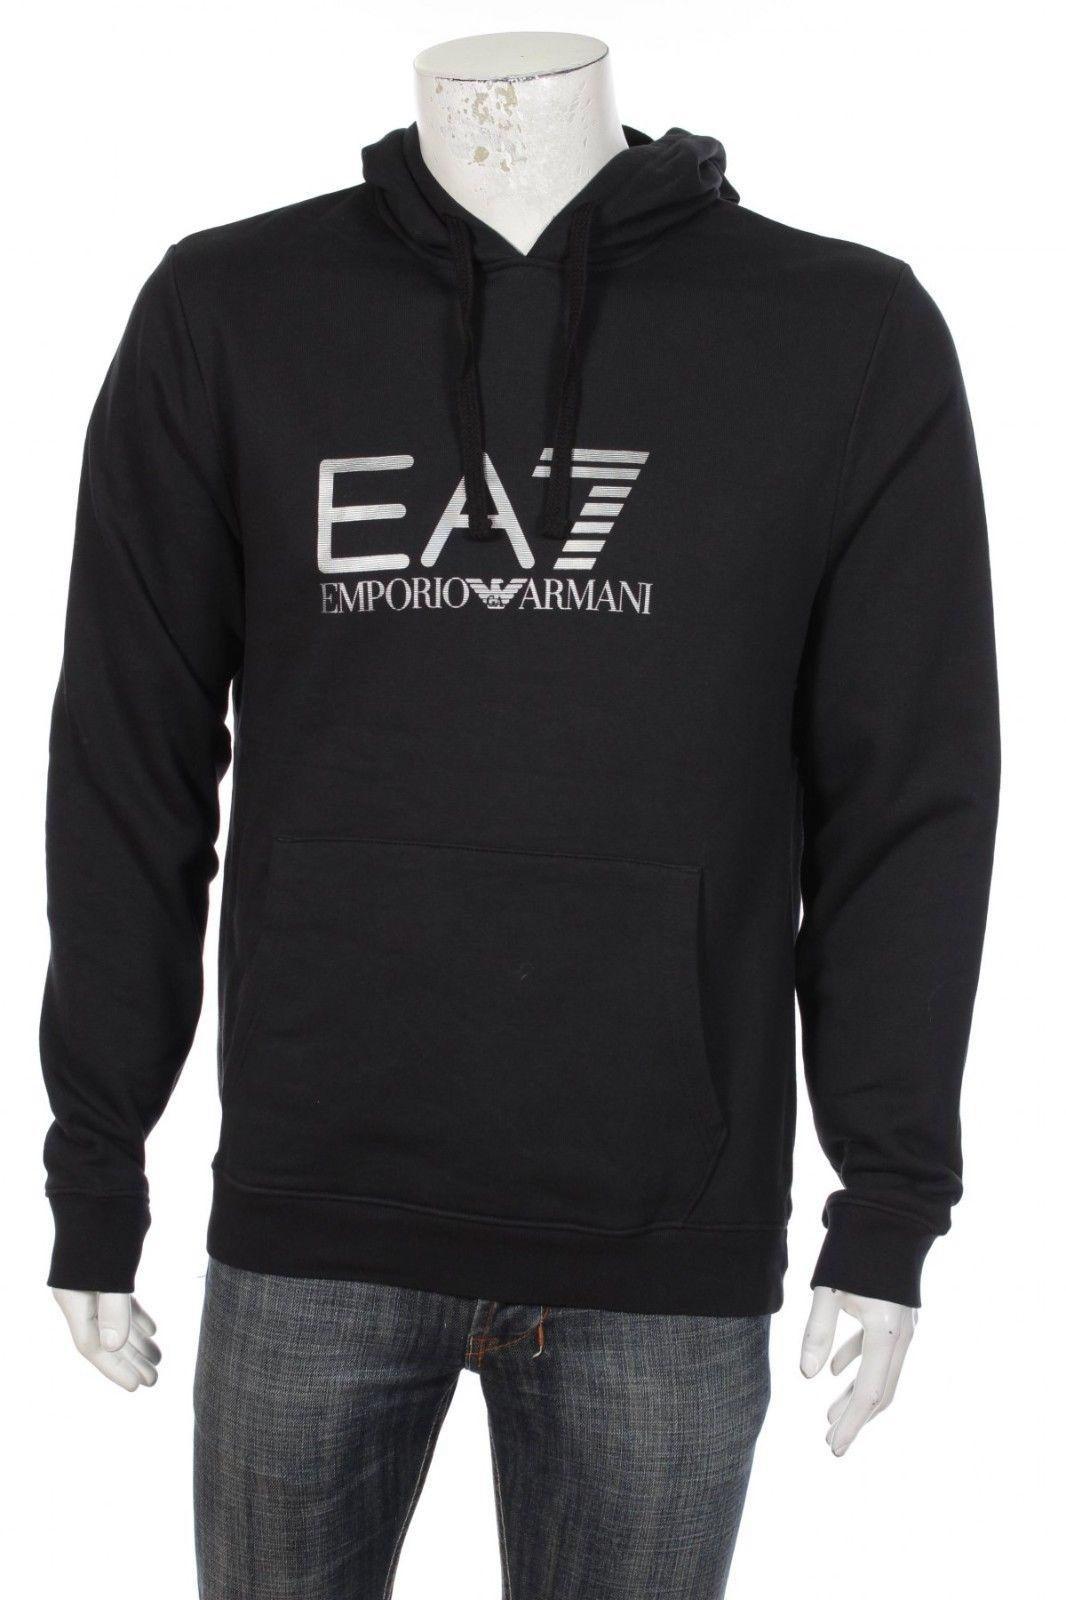 a0371c71cd Emporio Armani EA7 Men's Big Logo Pullover Hooded Sweatshirt Hoodie Hoody